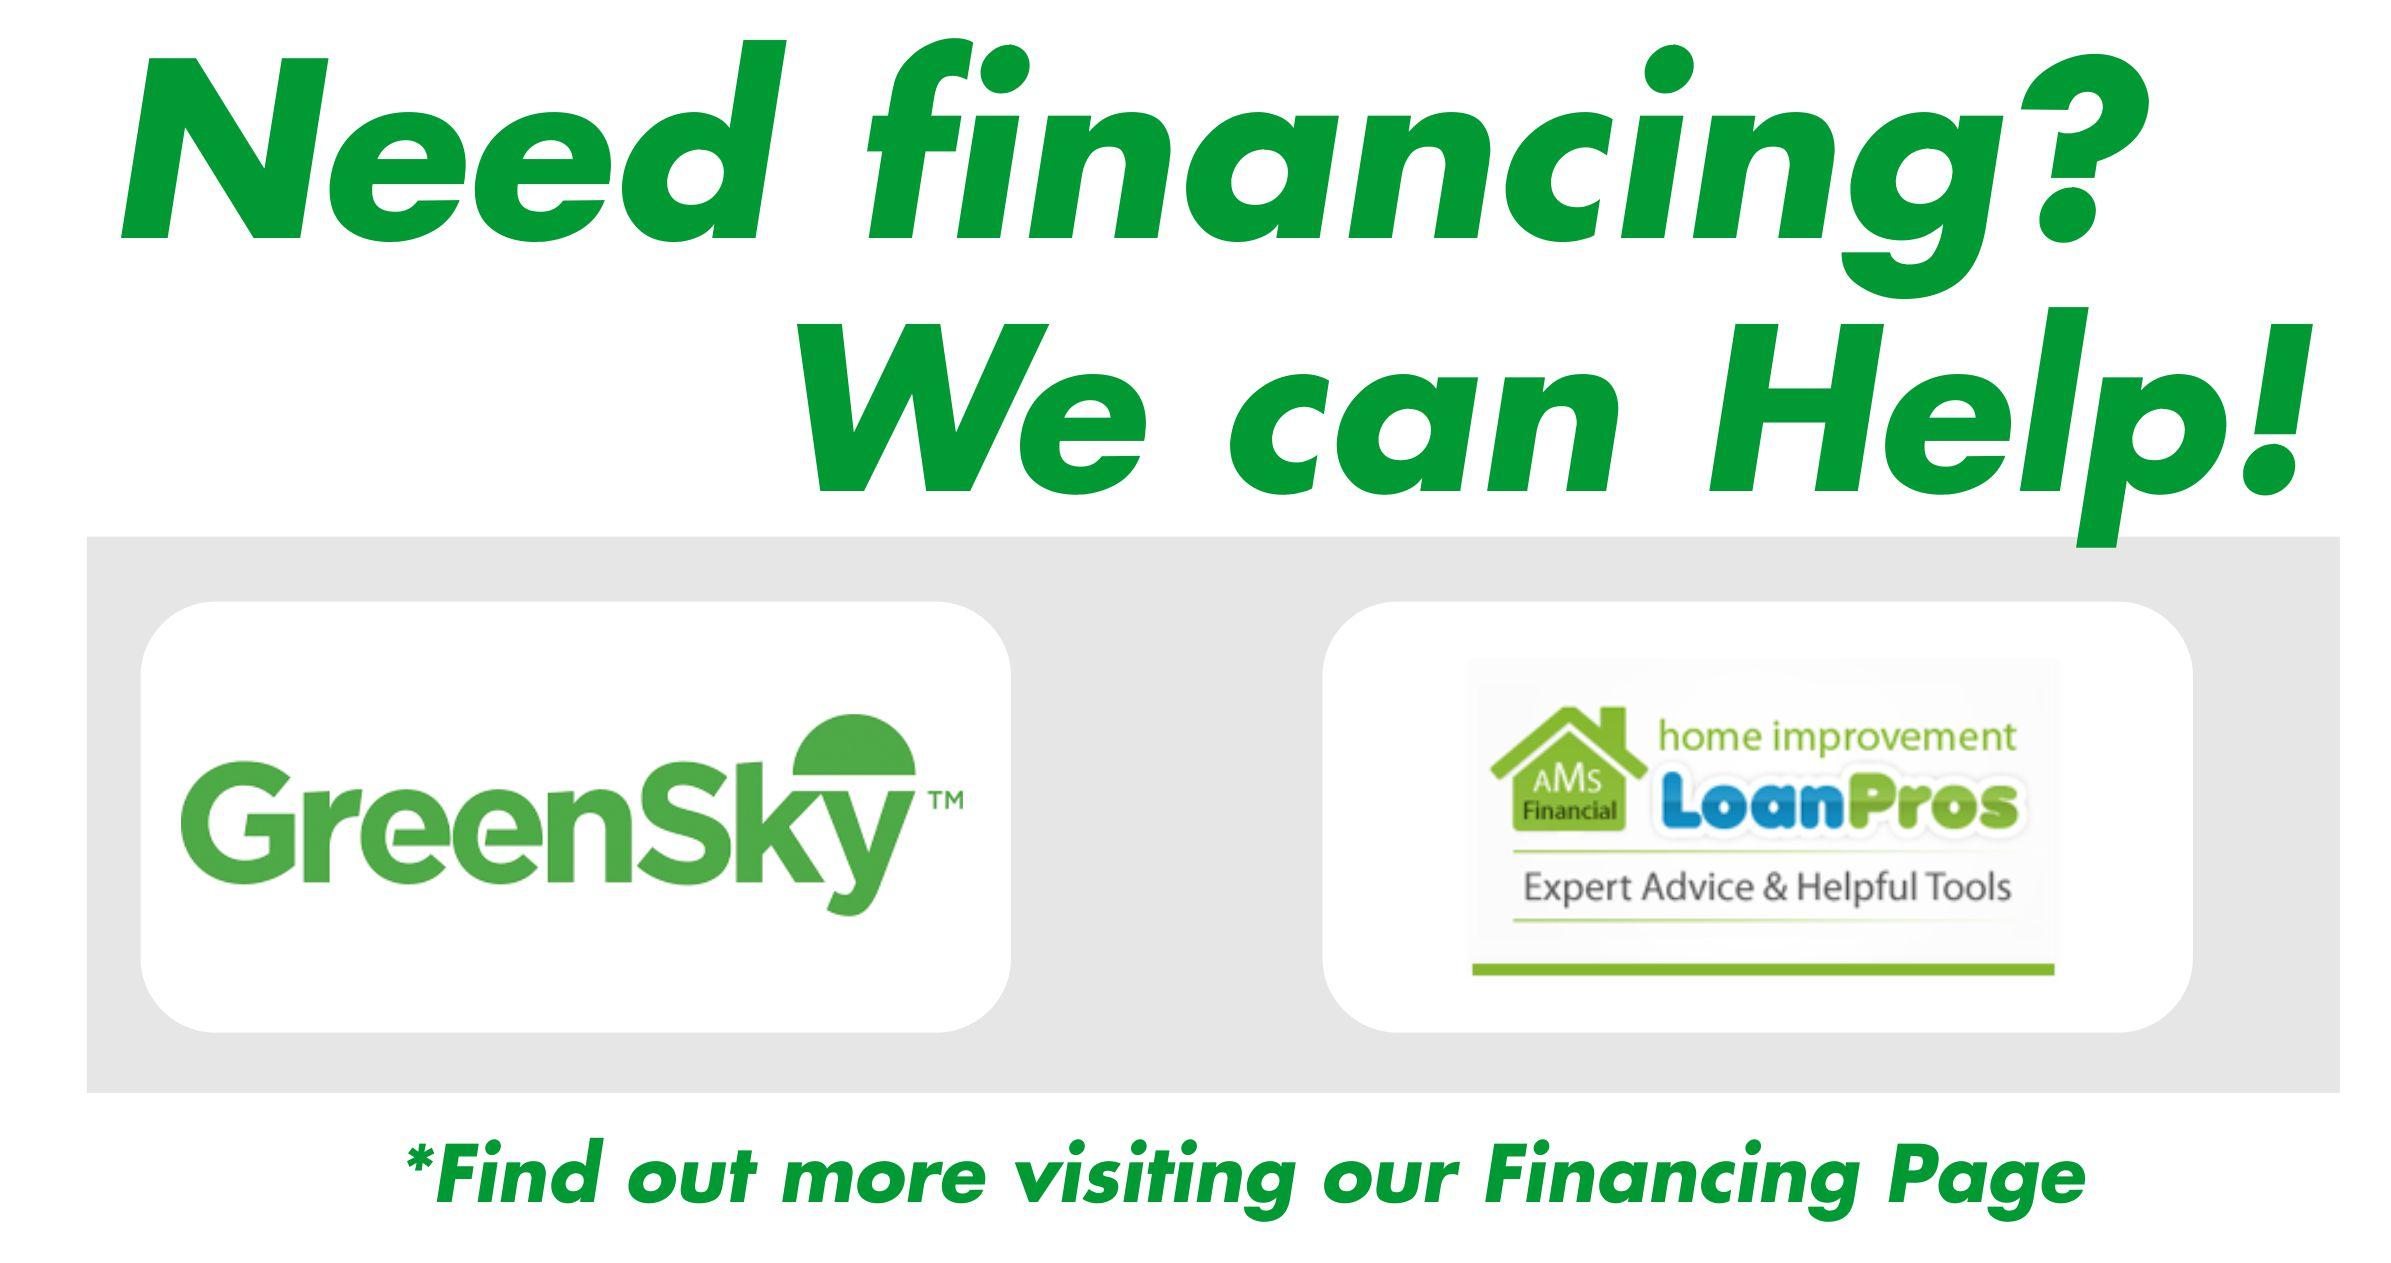 Greensky & Loanpros